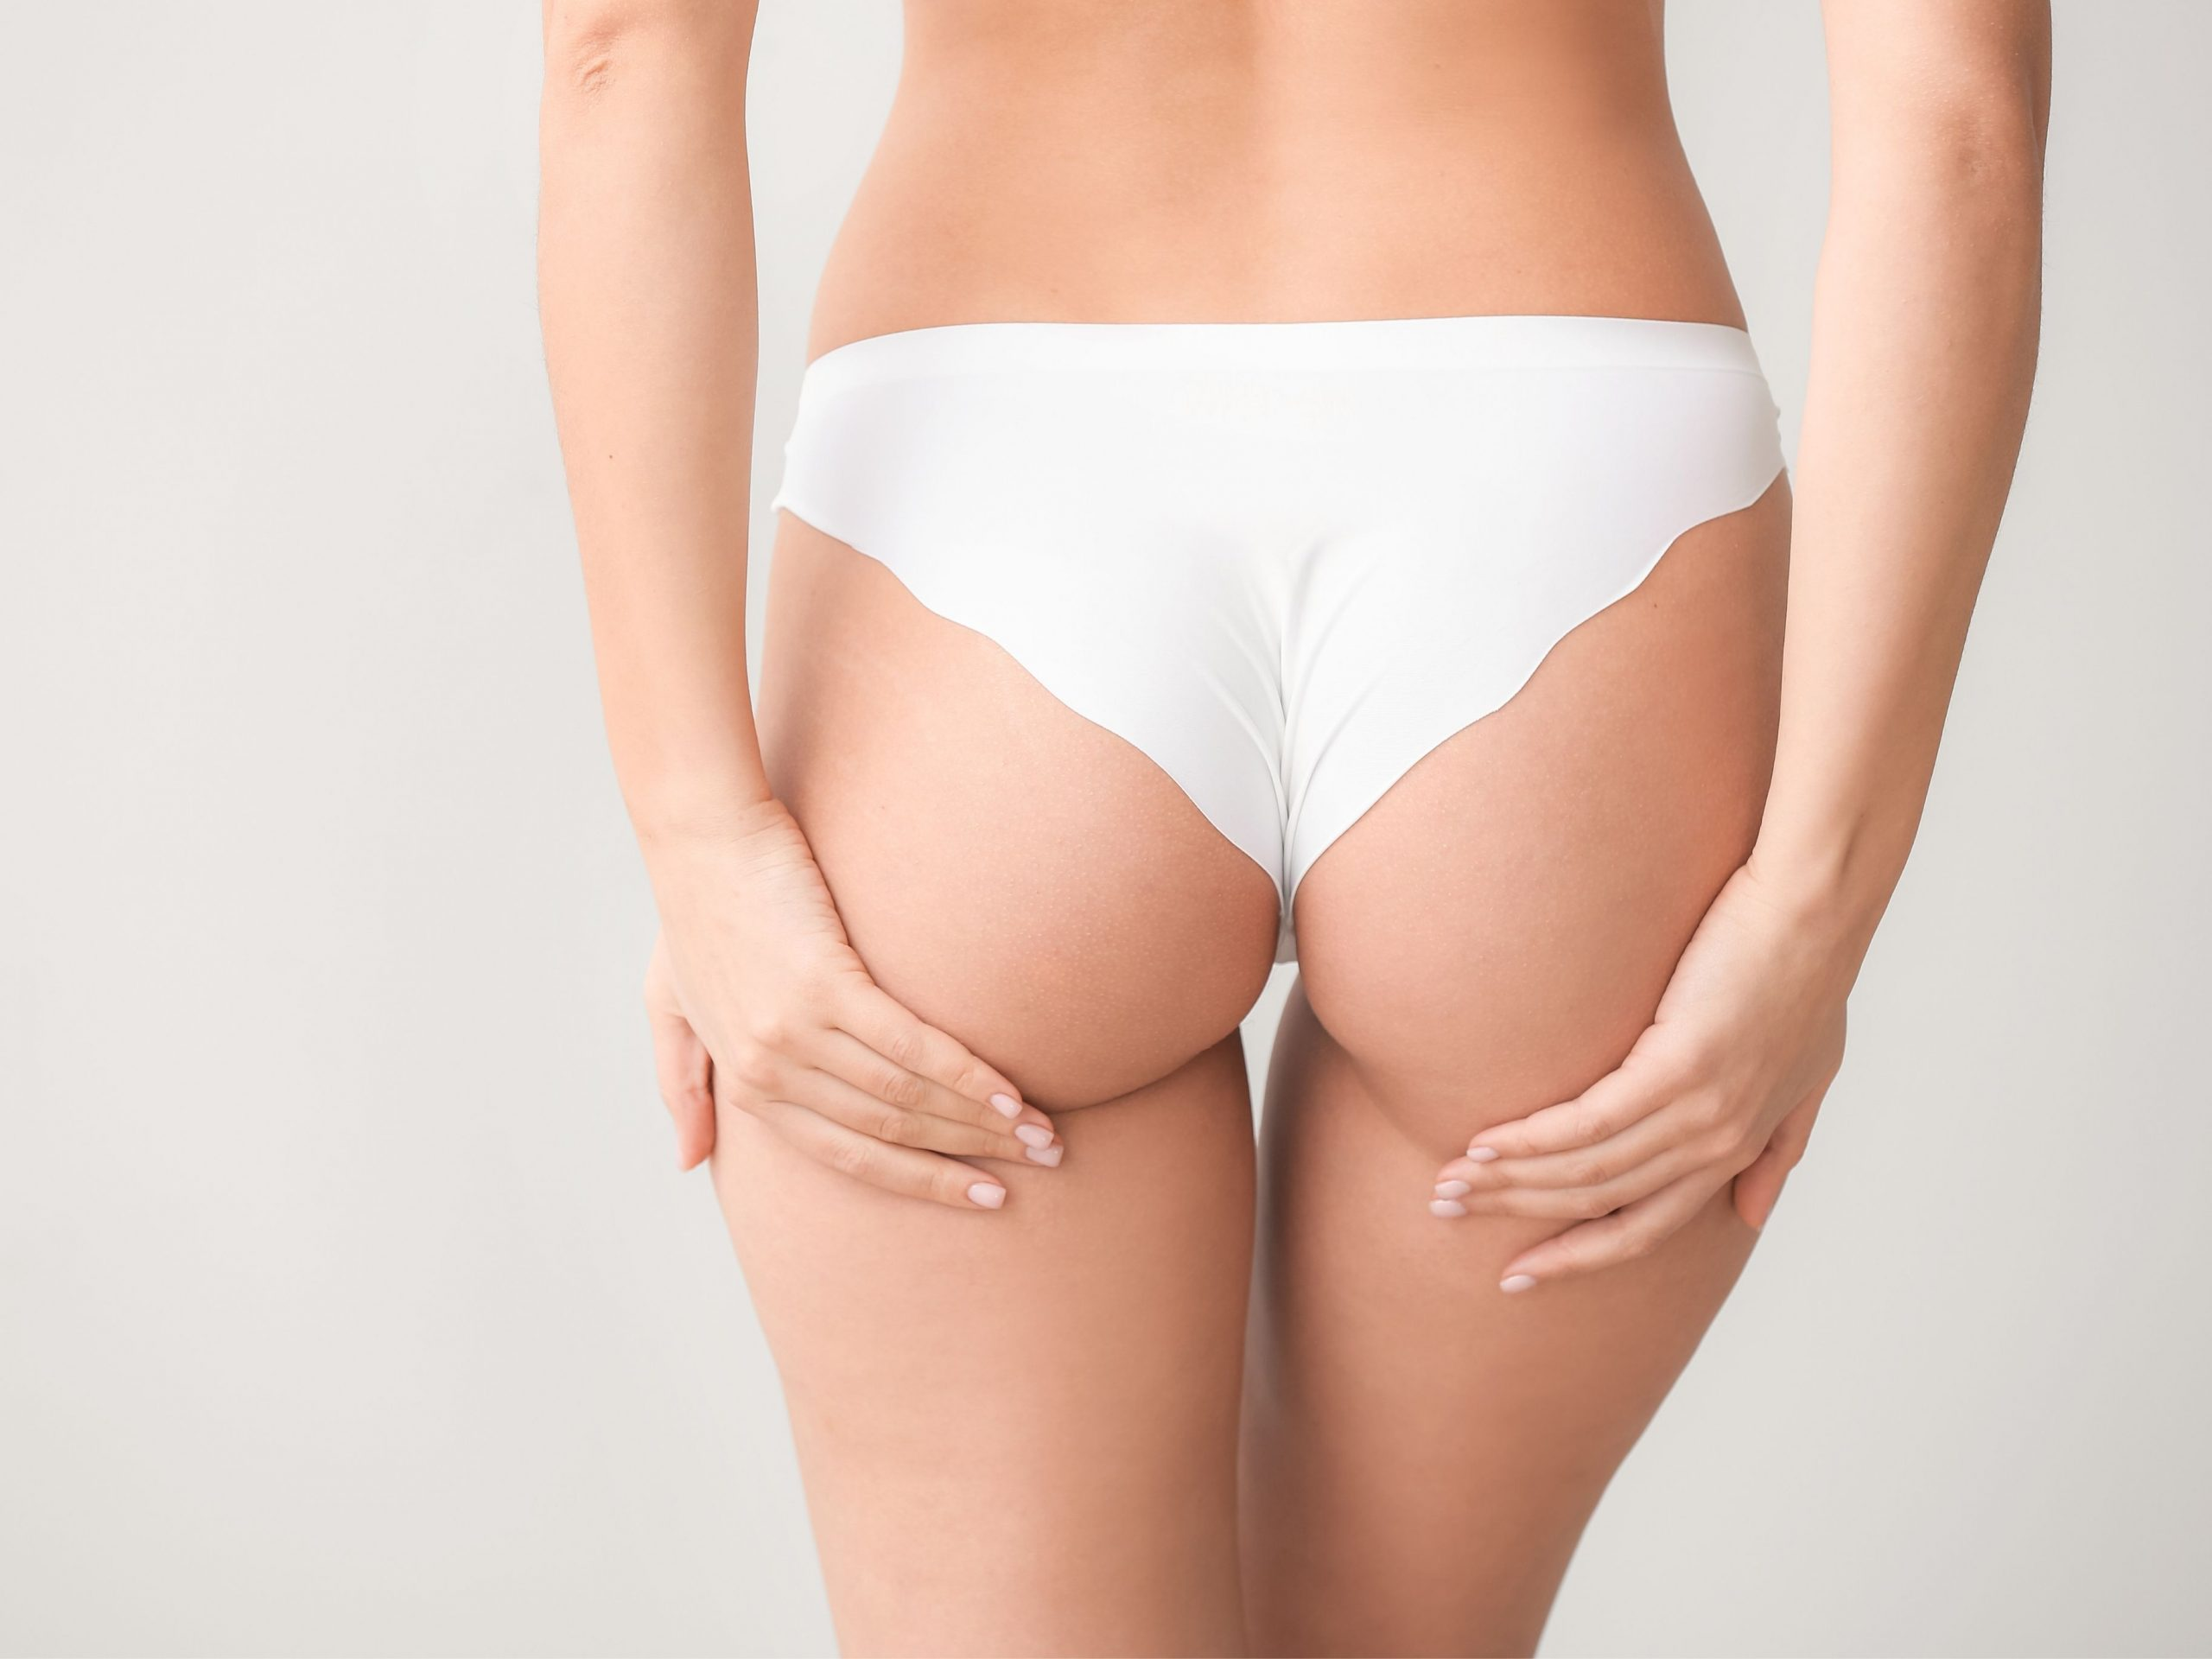 Brazilian Buttock Lift (BBL) risks!